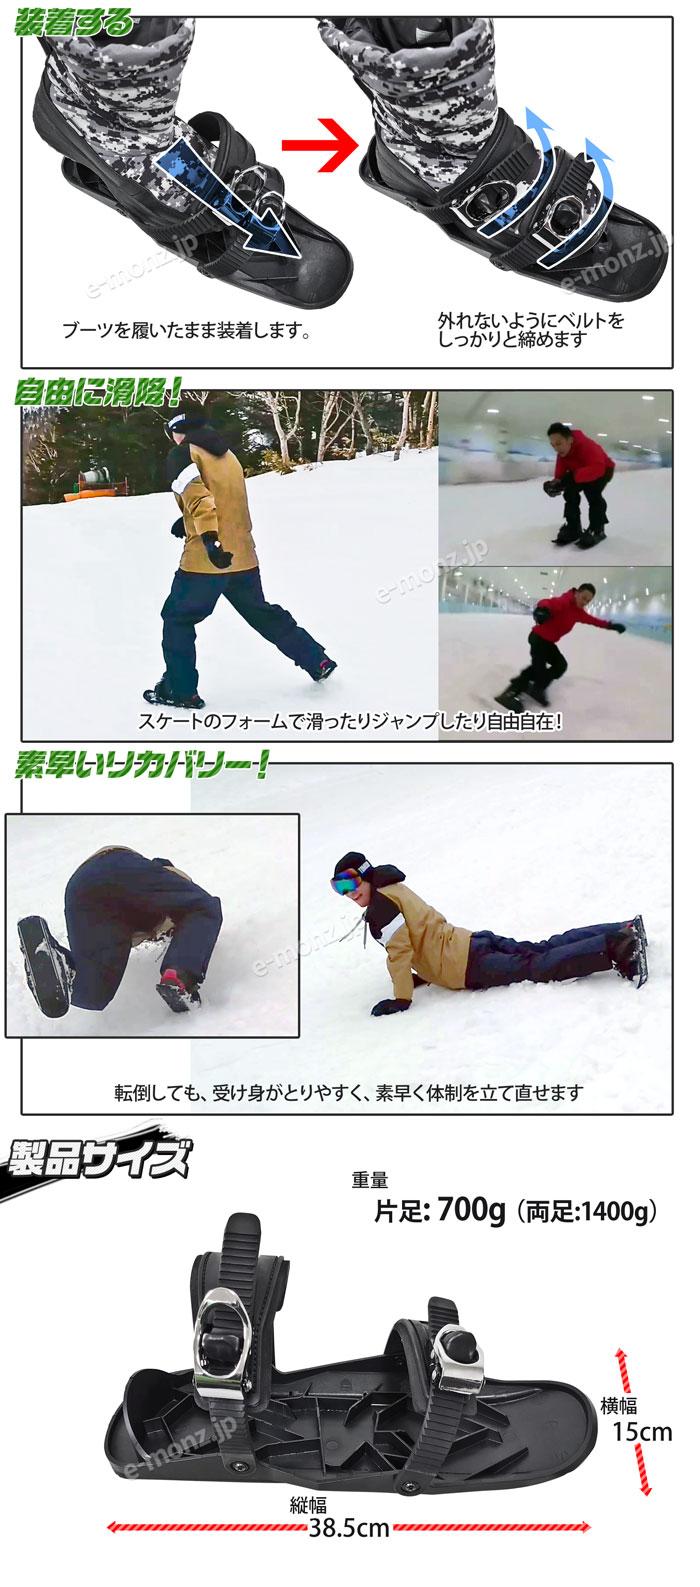 ショートミニスキー【ShortMiniSki】